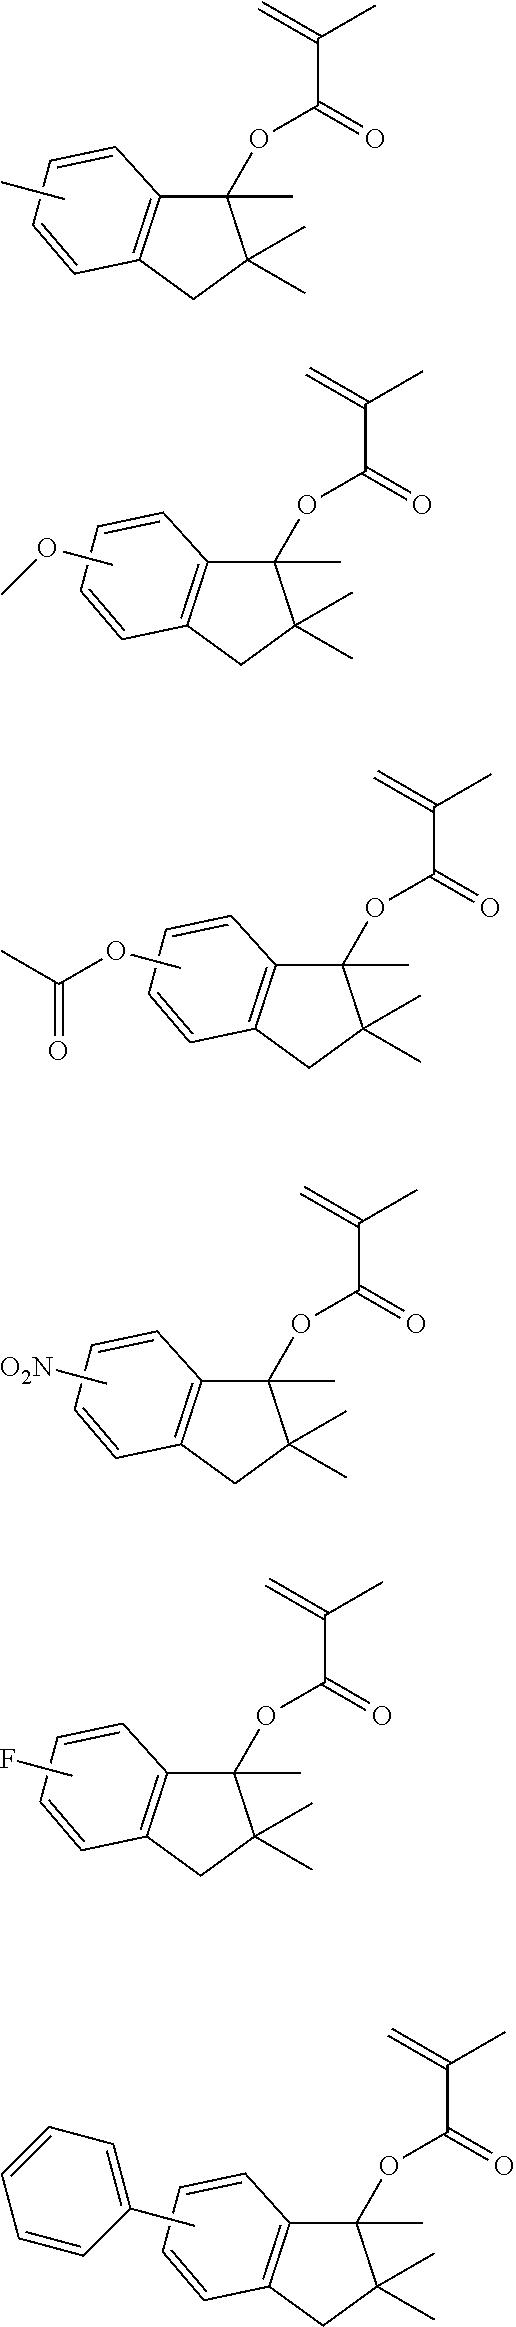 Figure US09040223-20150526-C00104